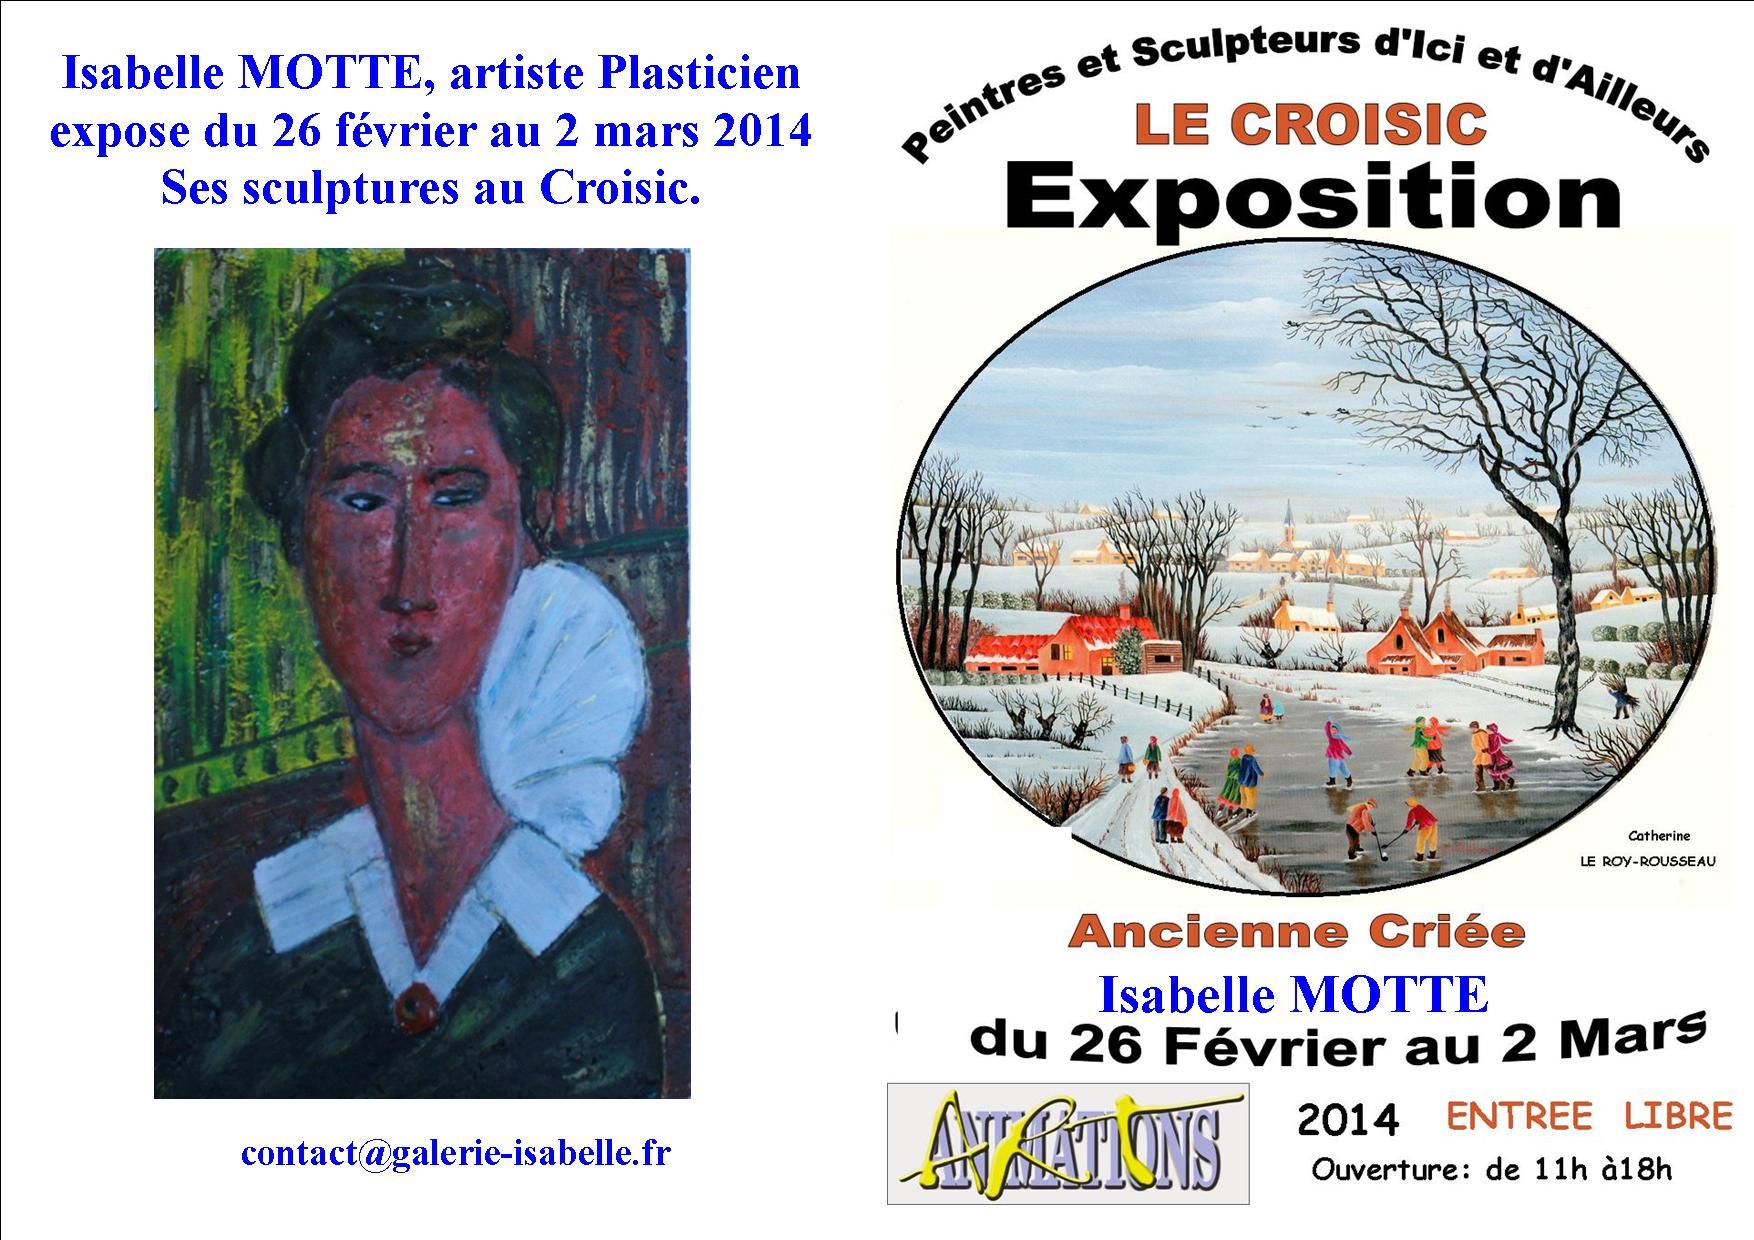 http://www.galerie-isabelle.fr/